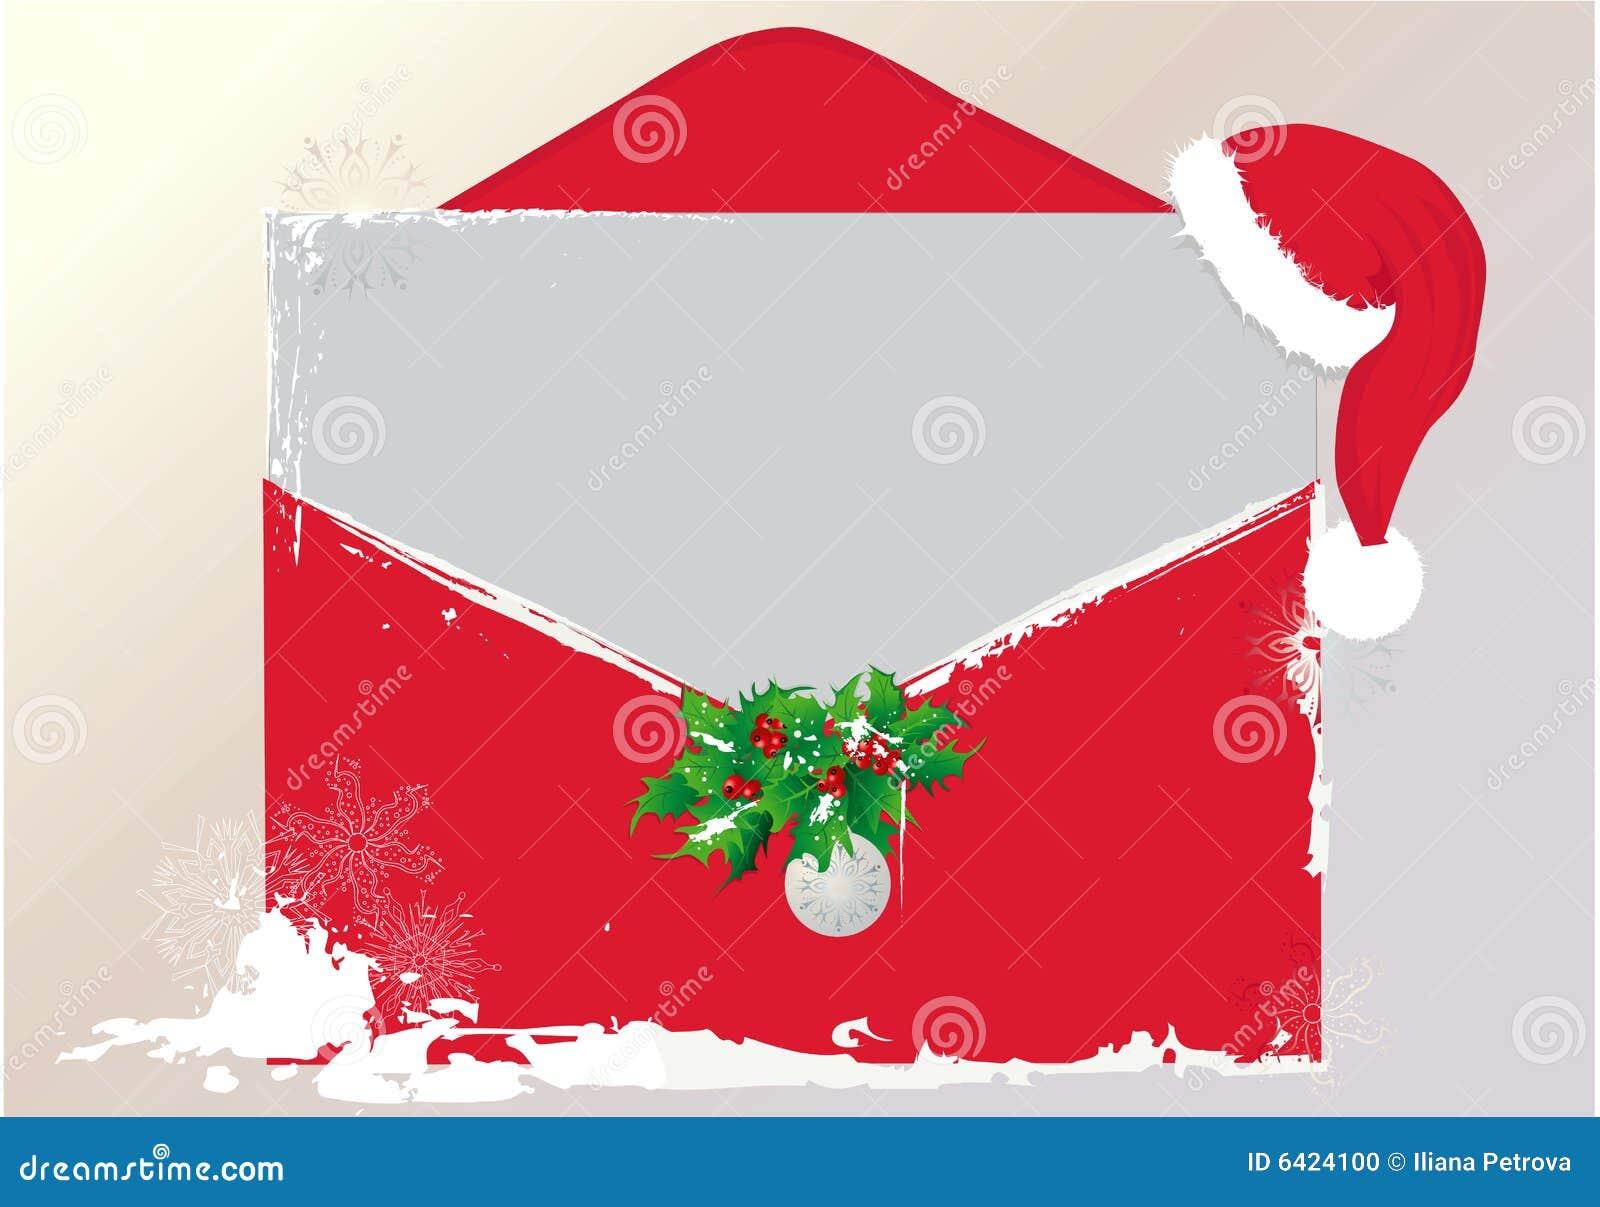 Immagini Di Lettere Di Natale.Immagini Di Lettere Di Natale Frismarketingadvies